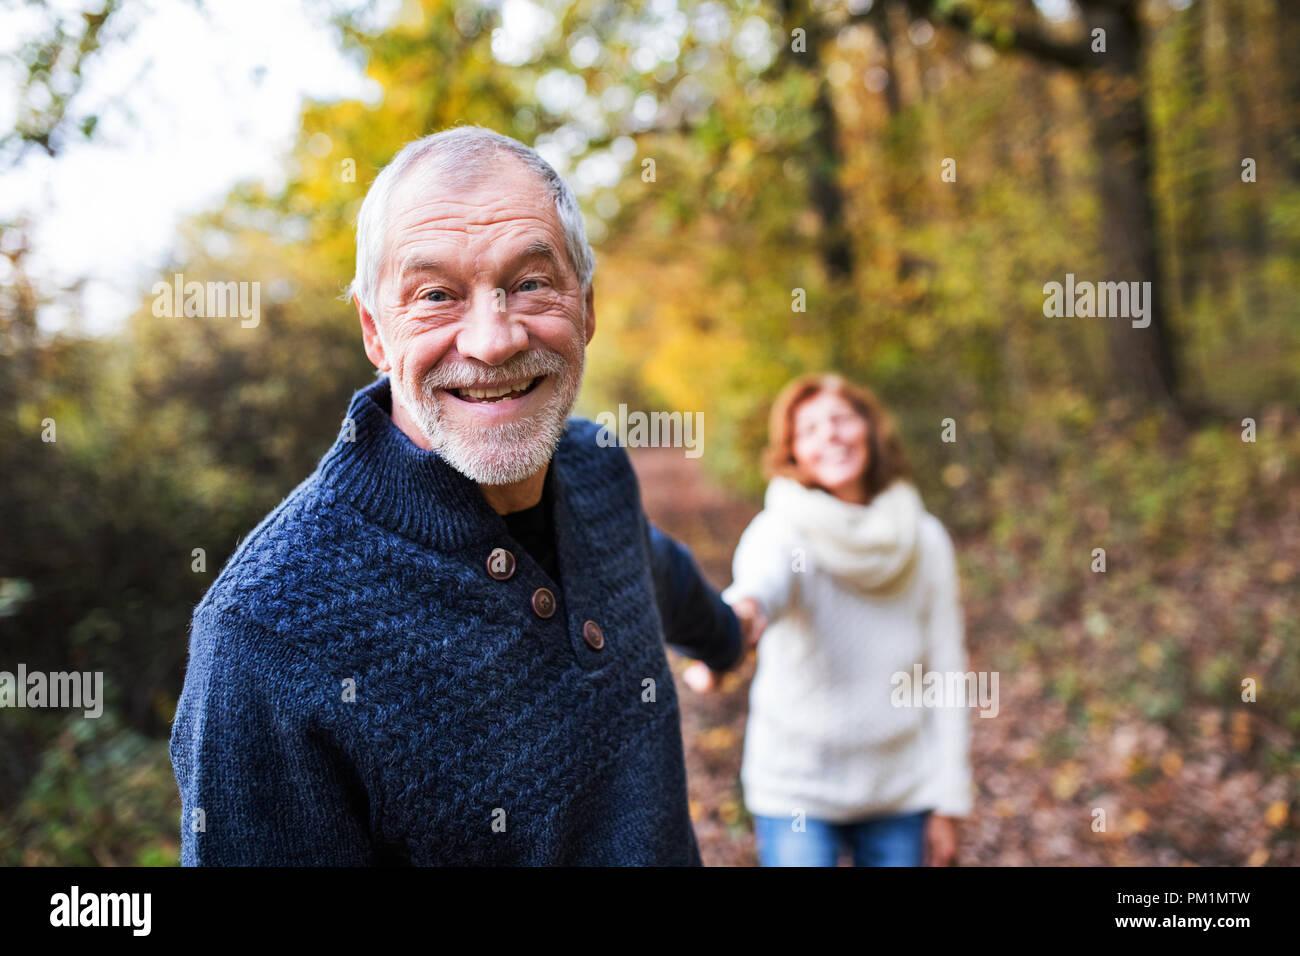 Ein Porträt von einem älteren Paar in einem Herbst Natur. Stockbild